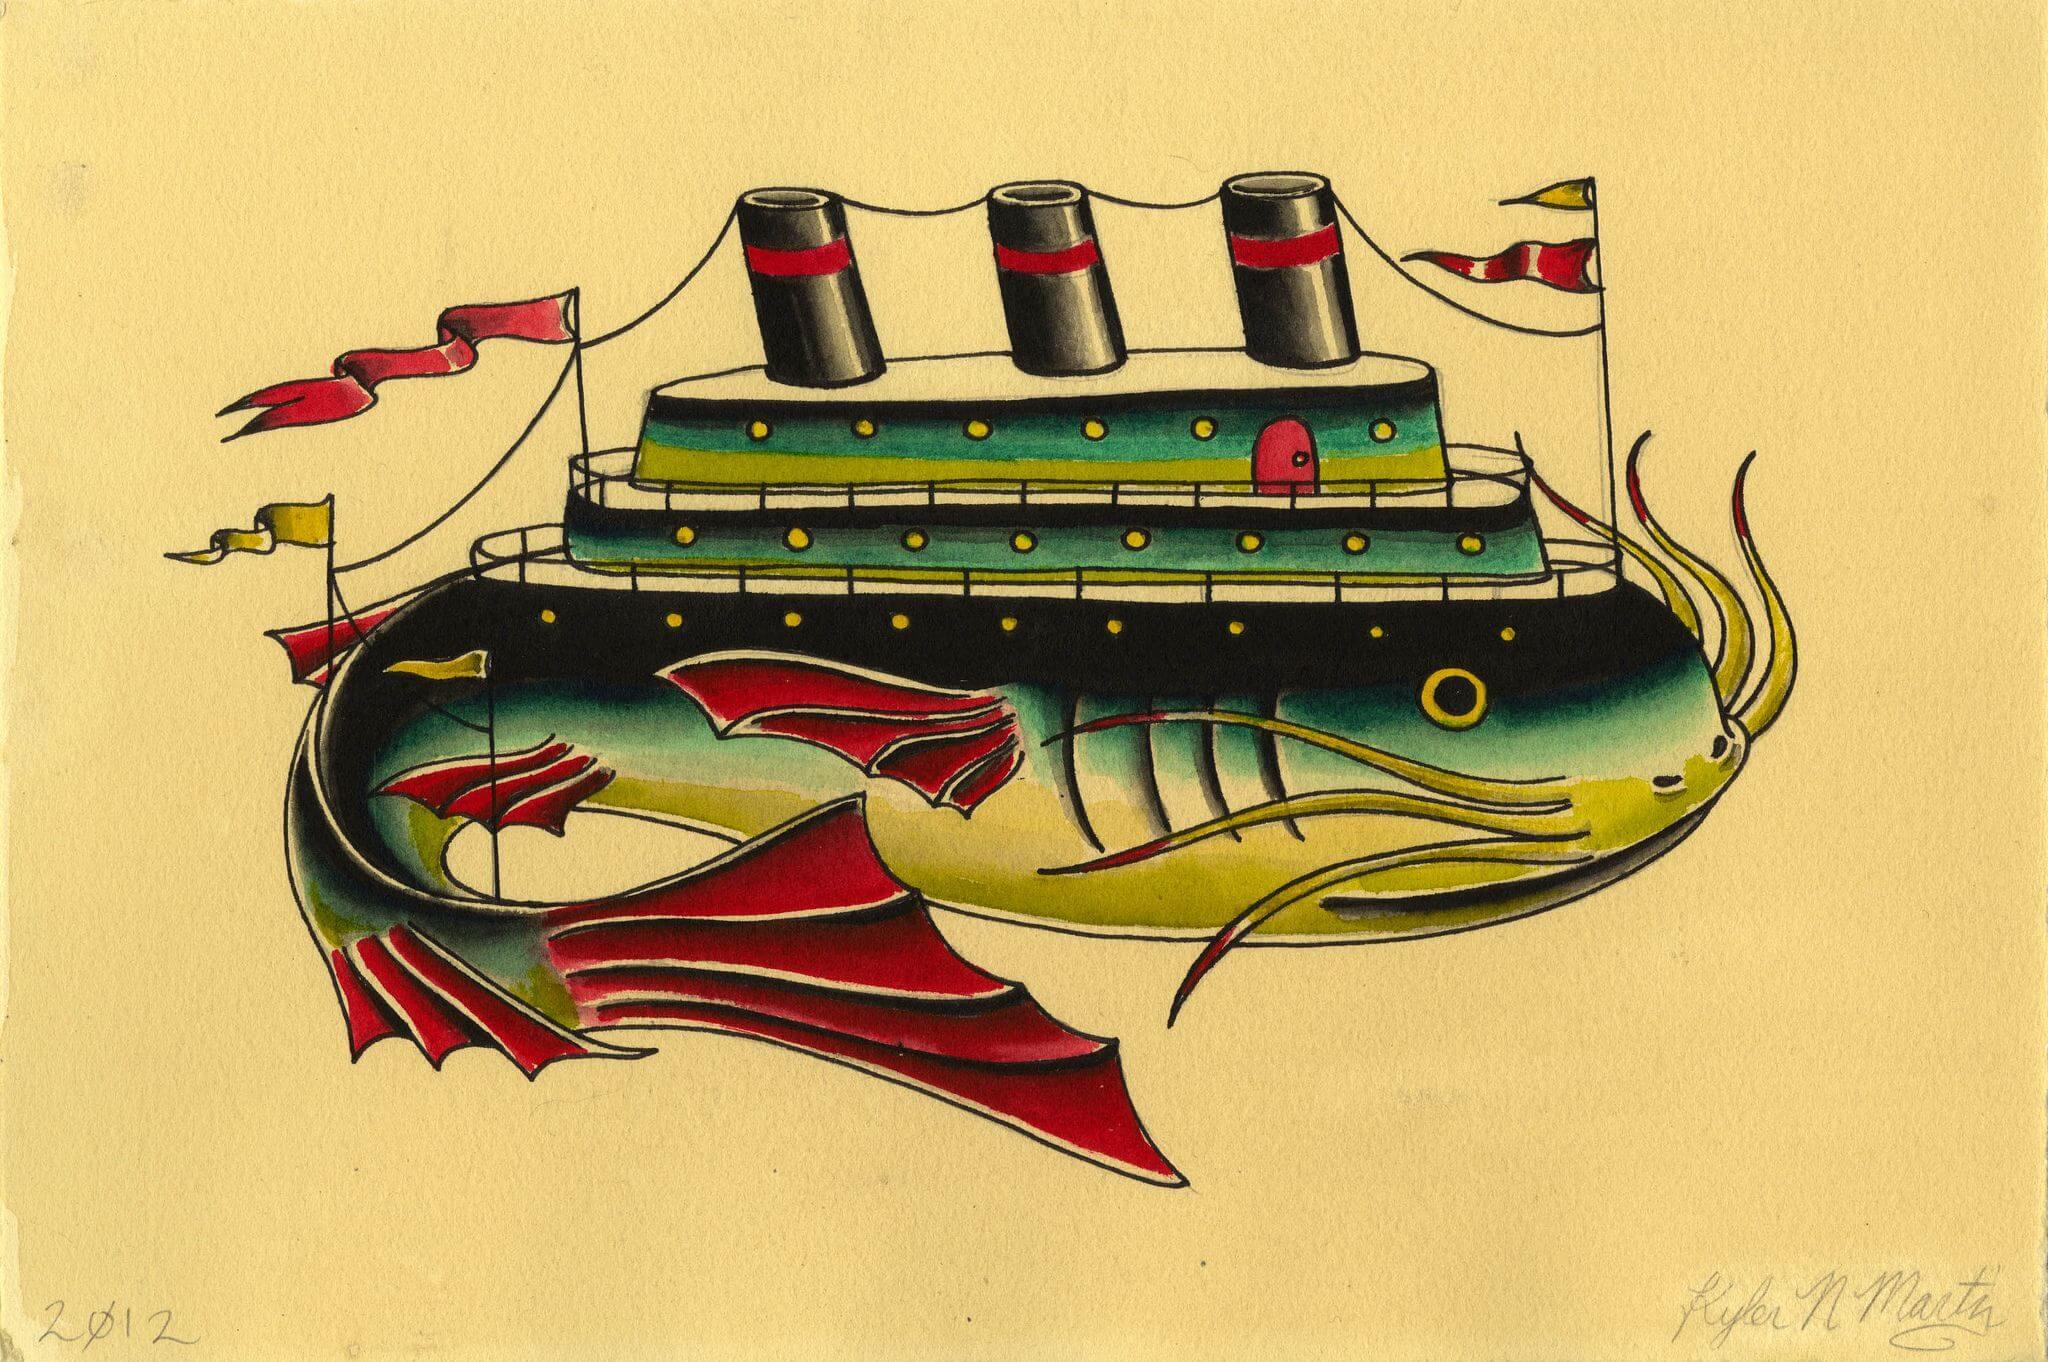 pez boat kyler martz